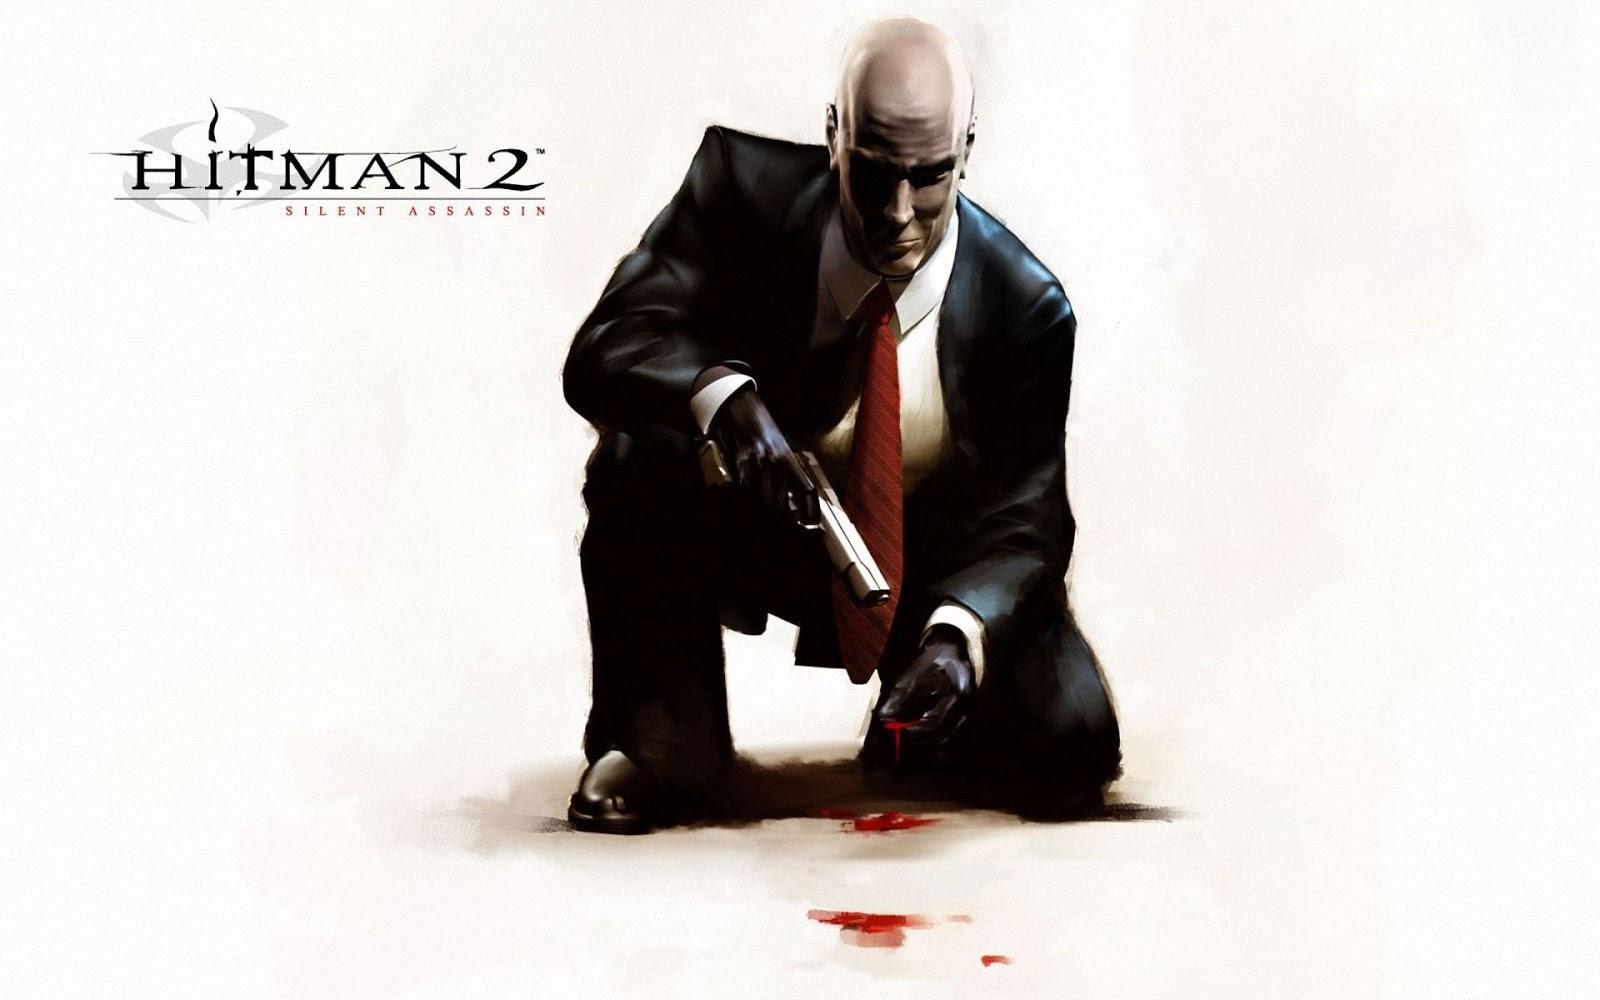 تحميل لعبة هيتمان الجزء الثاني - Hitman 2: Silent Assassin